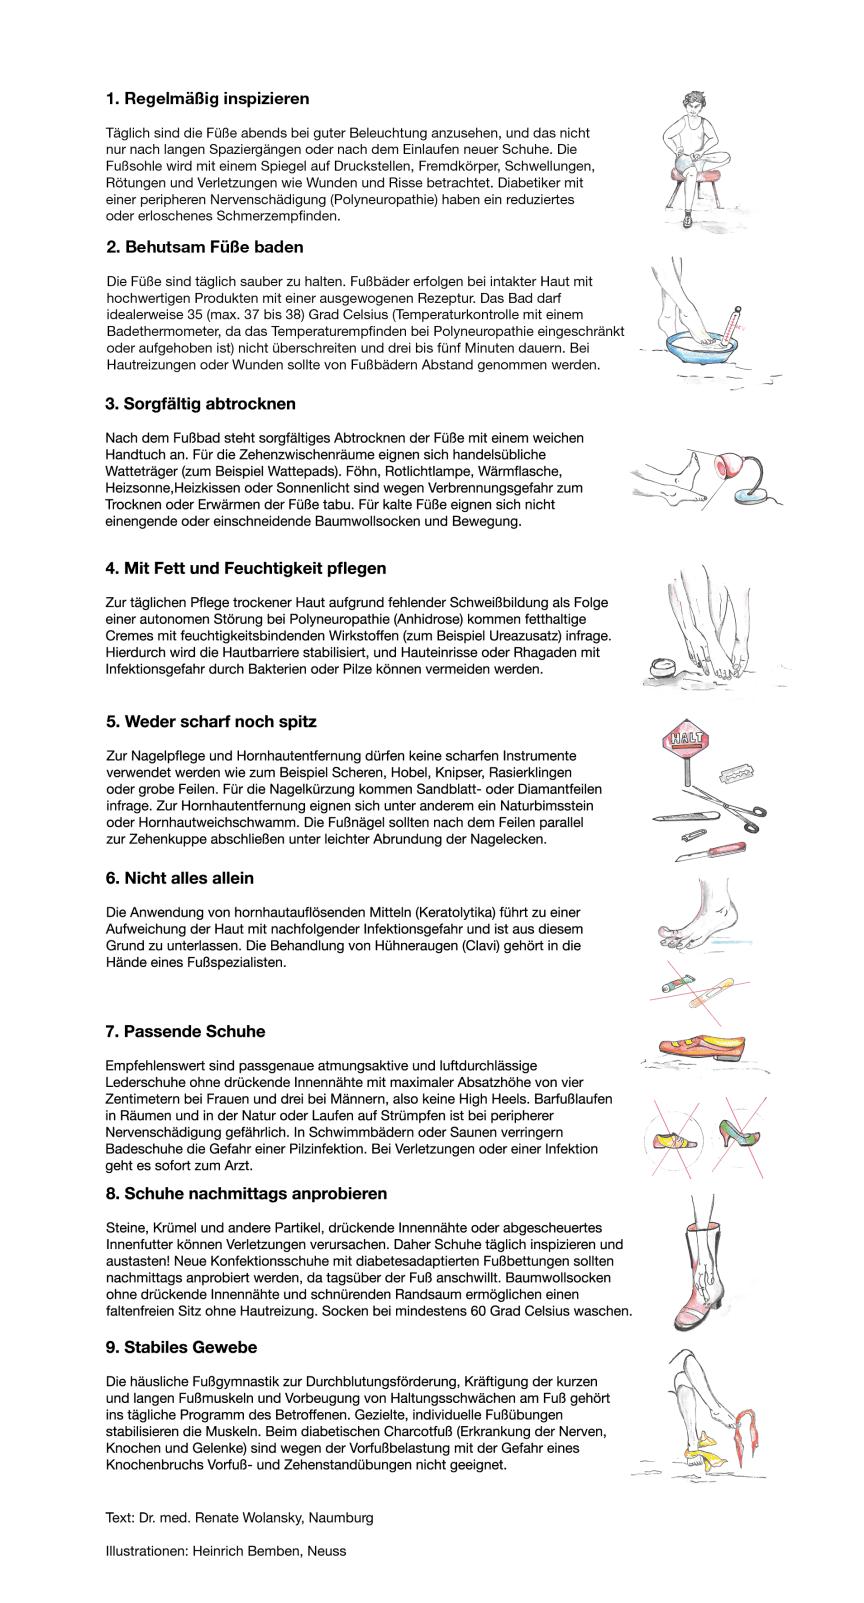 Grafik: Neun einfache Regeln zur Fußpflege für Diabetiker